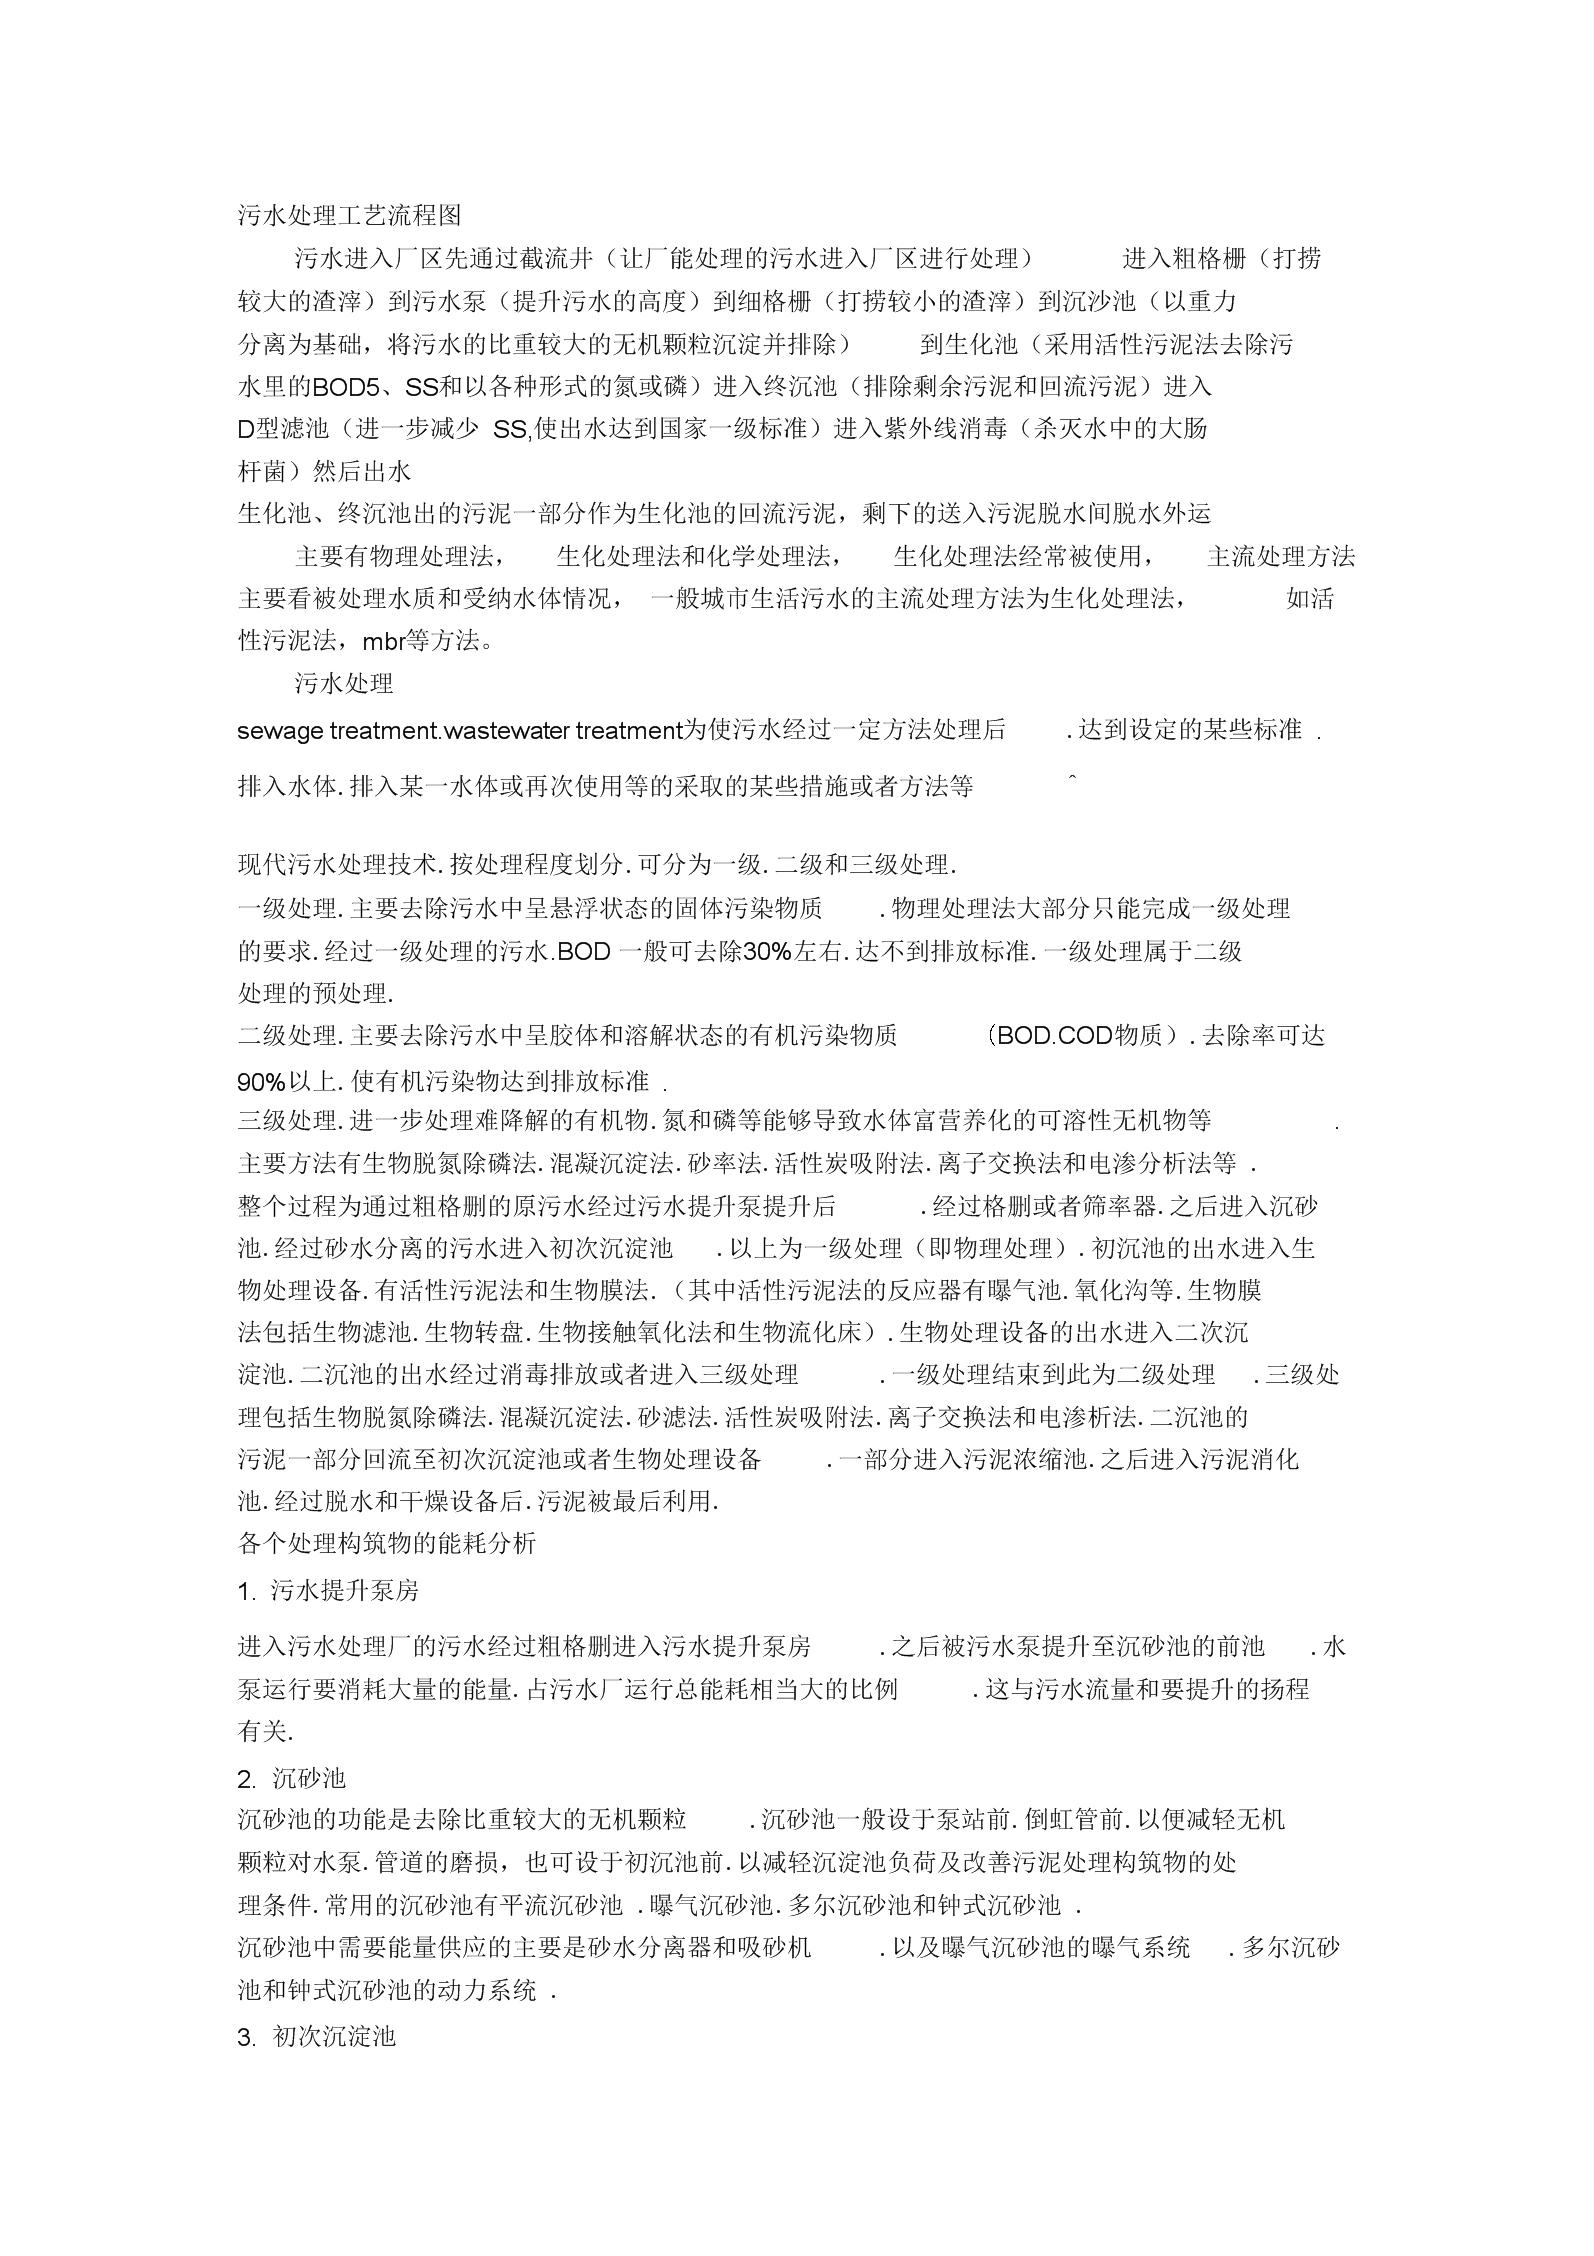 《污水处理工艺流程图》.docx